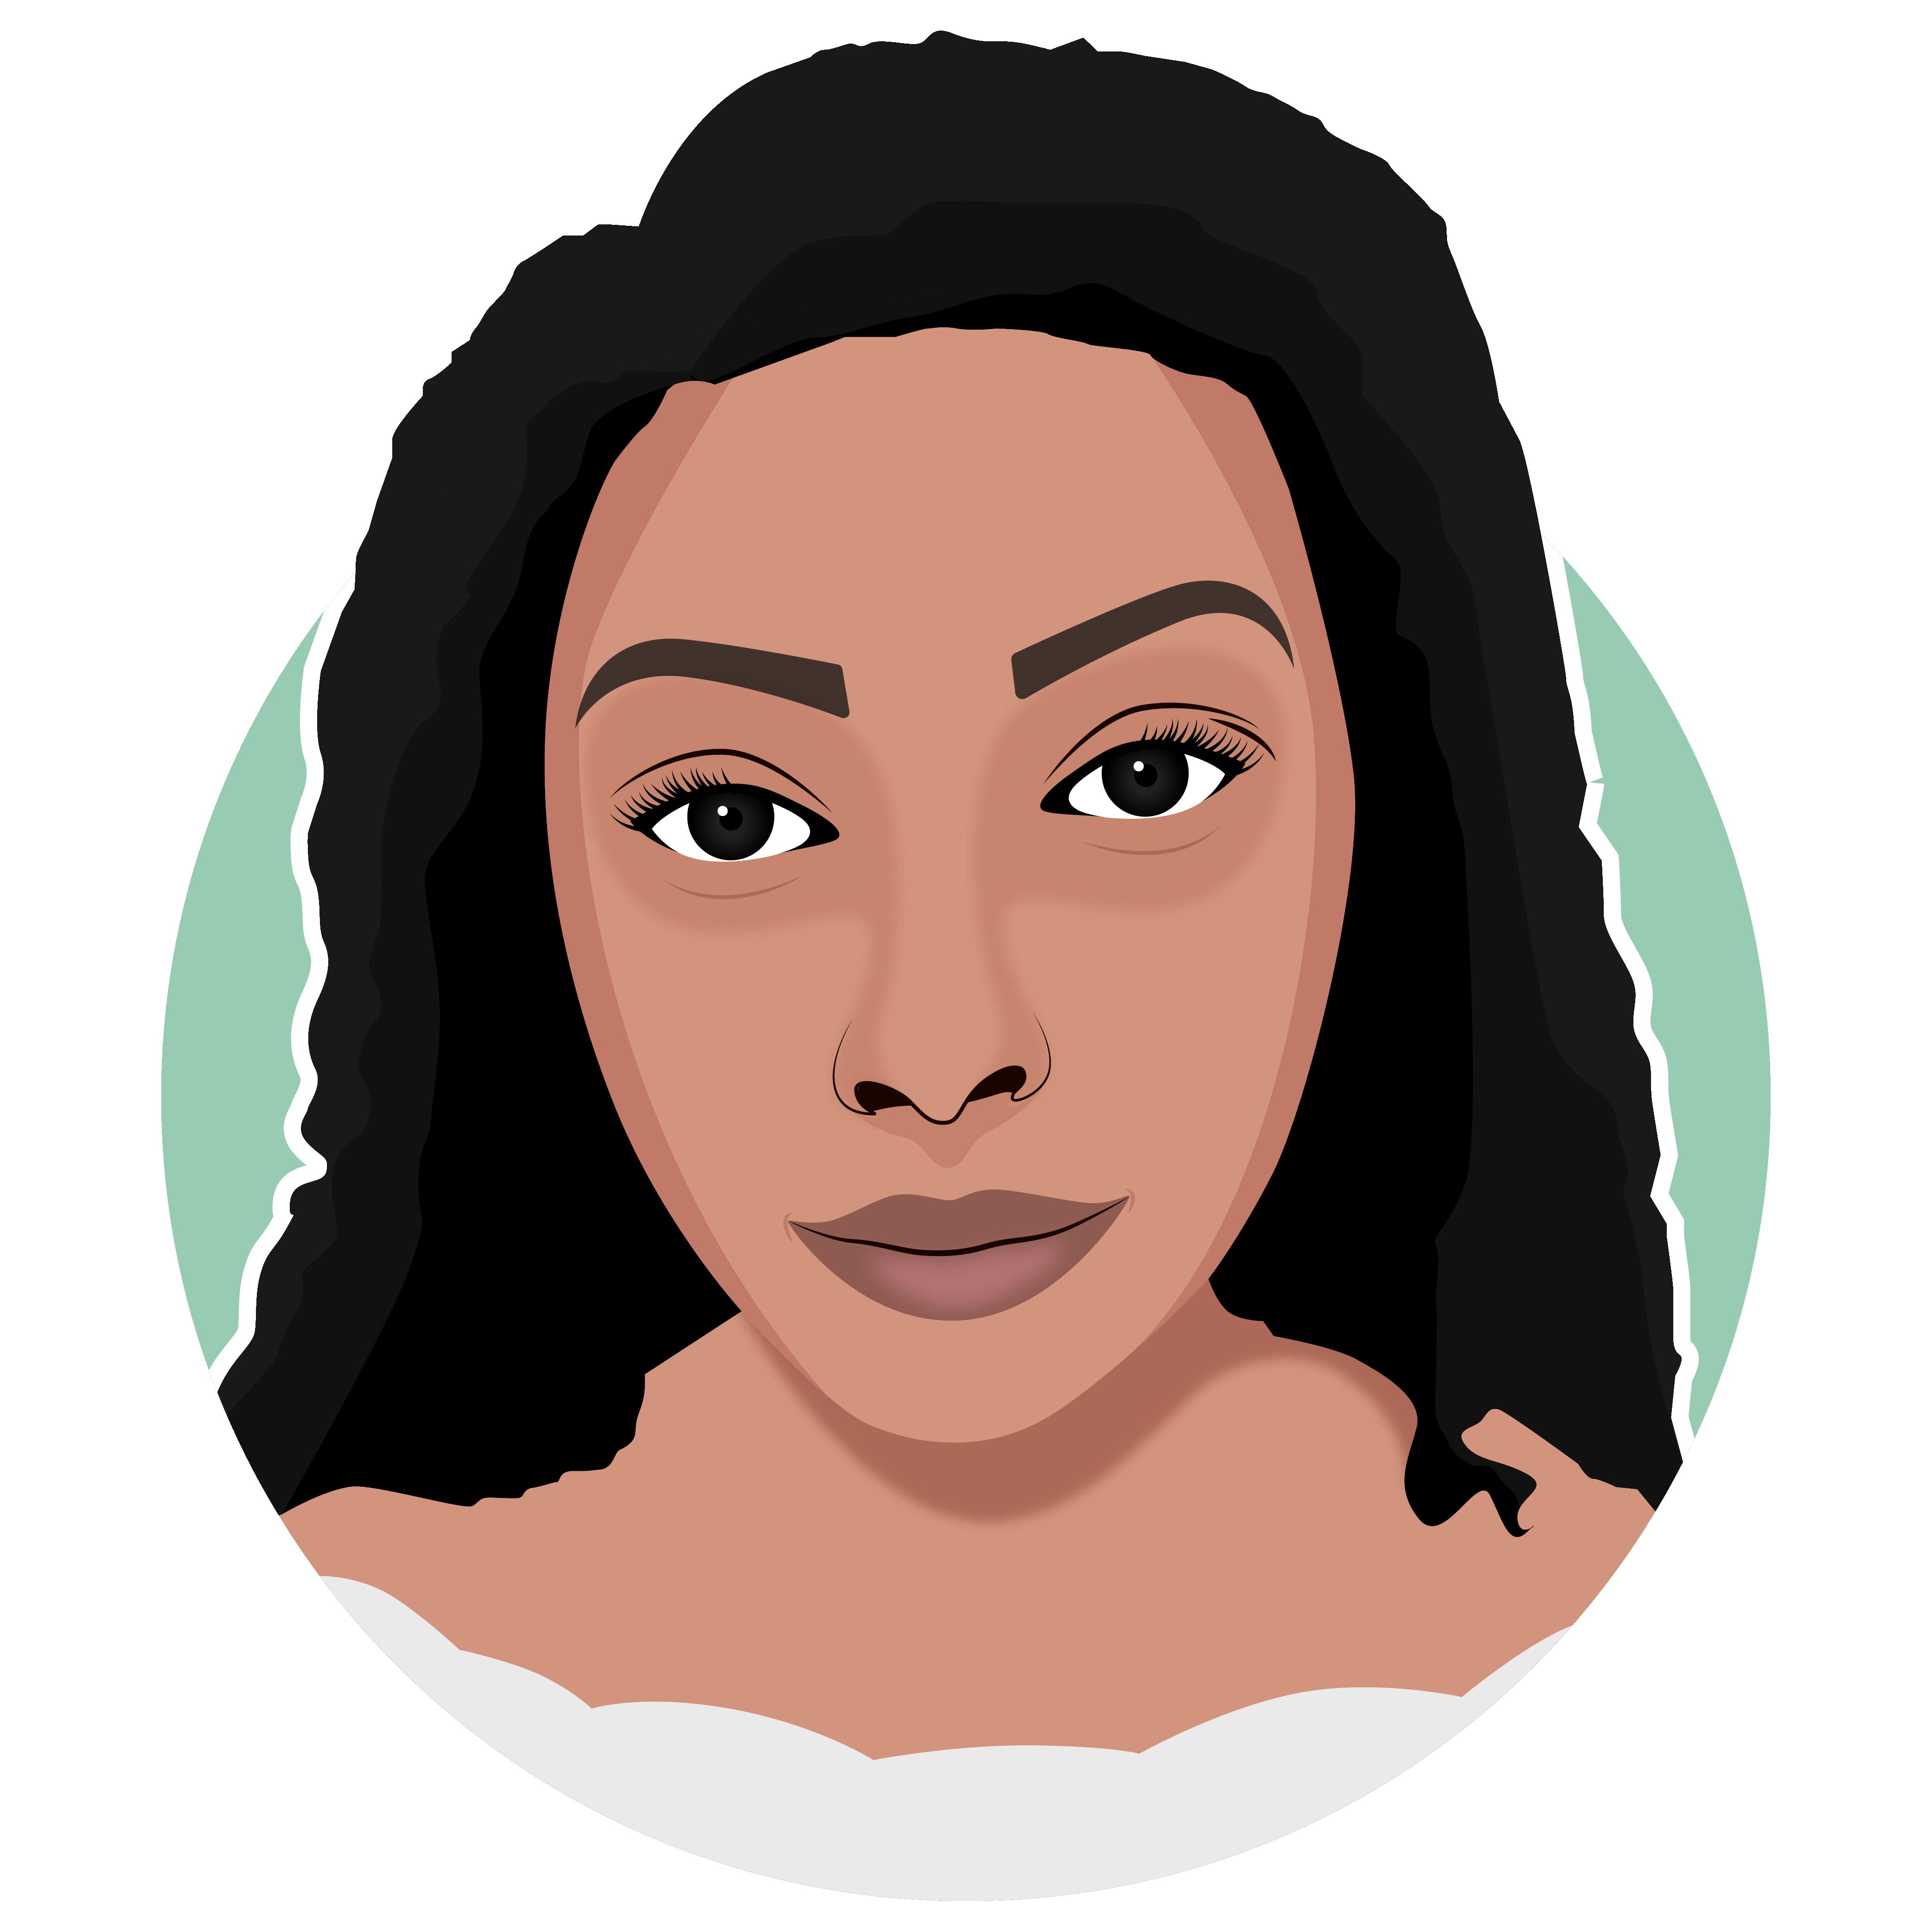 Khadesha Bryant